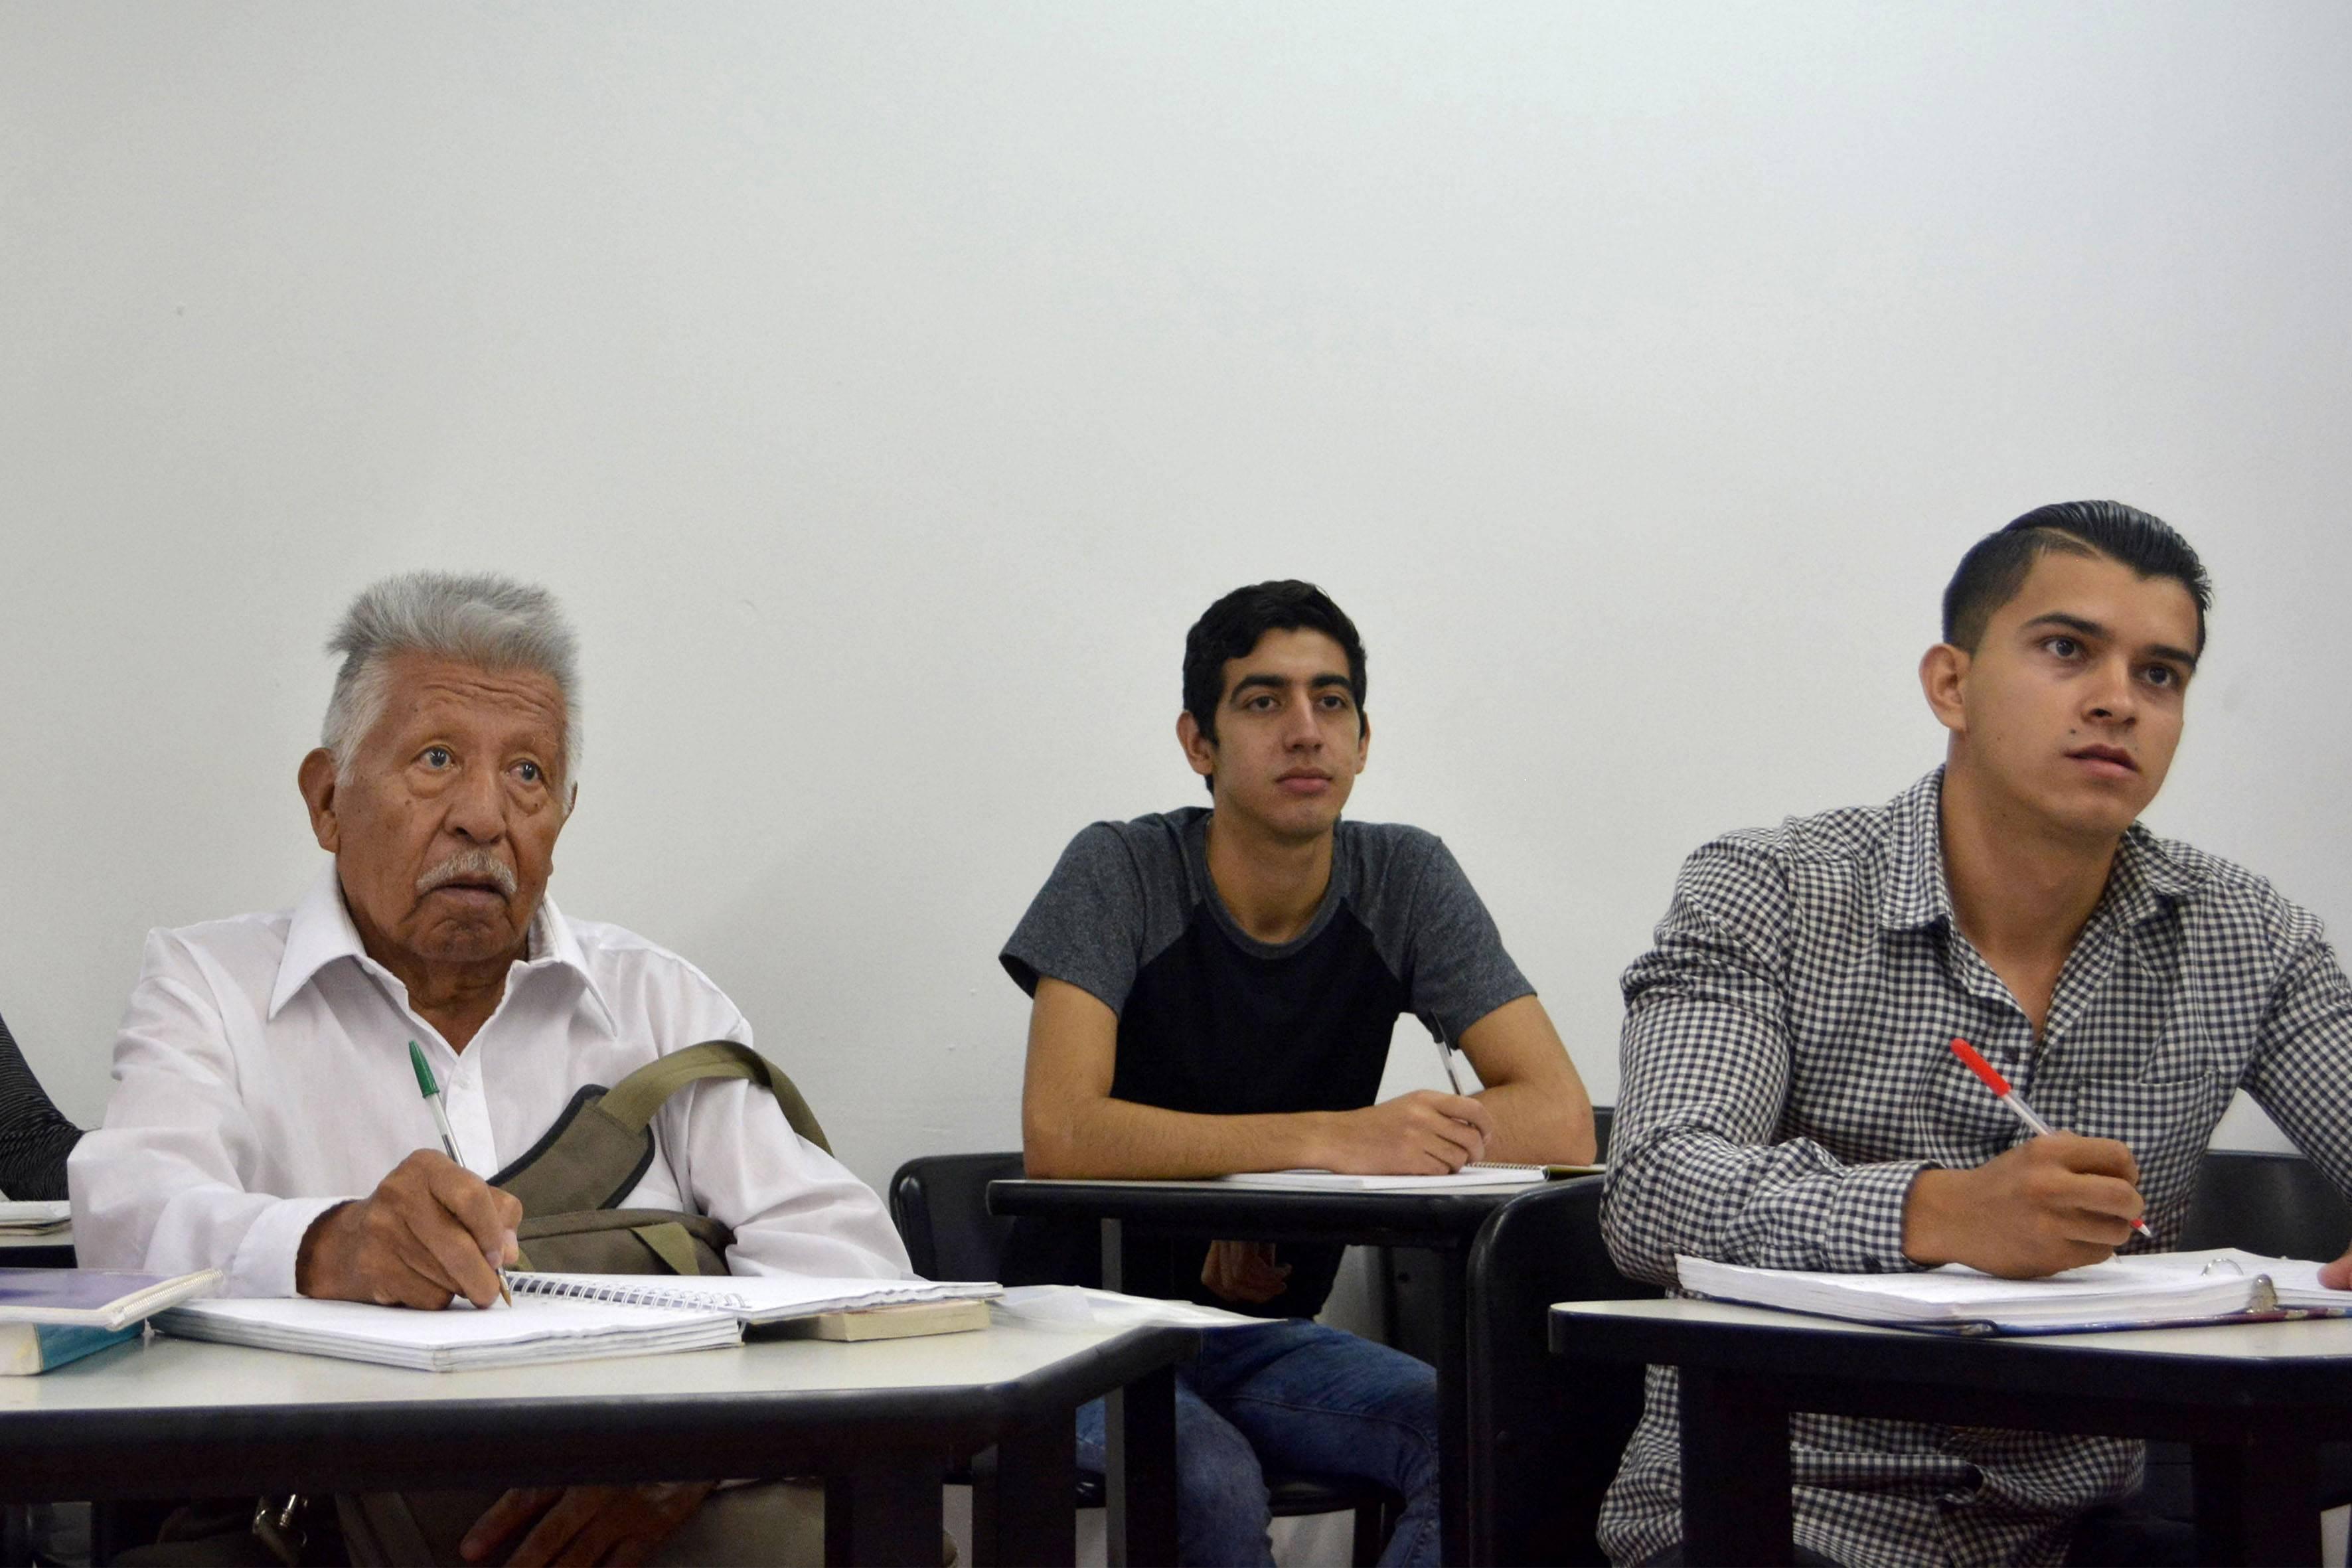 A sus 83 años entra a la Universidad de Guadalajara para estudiar derecho